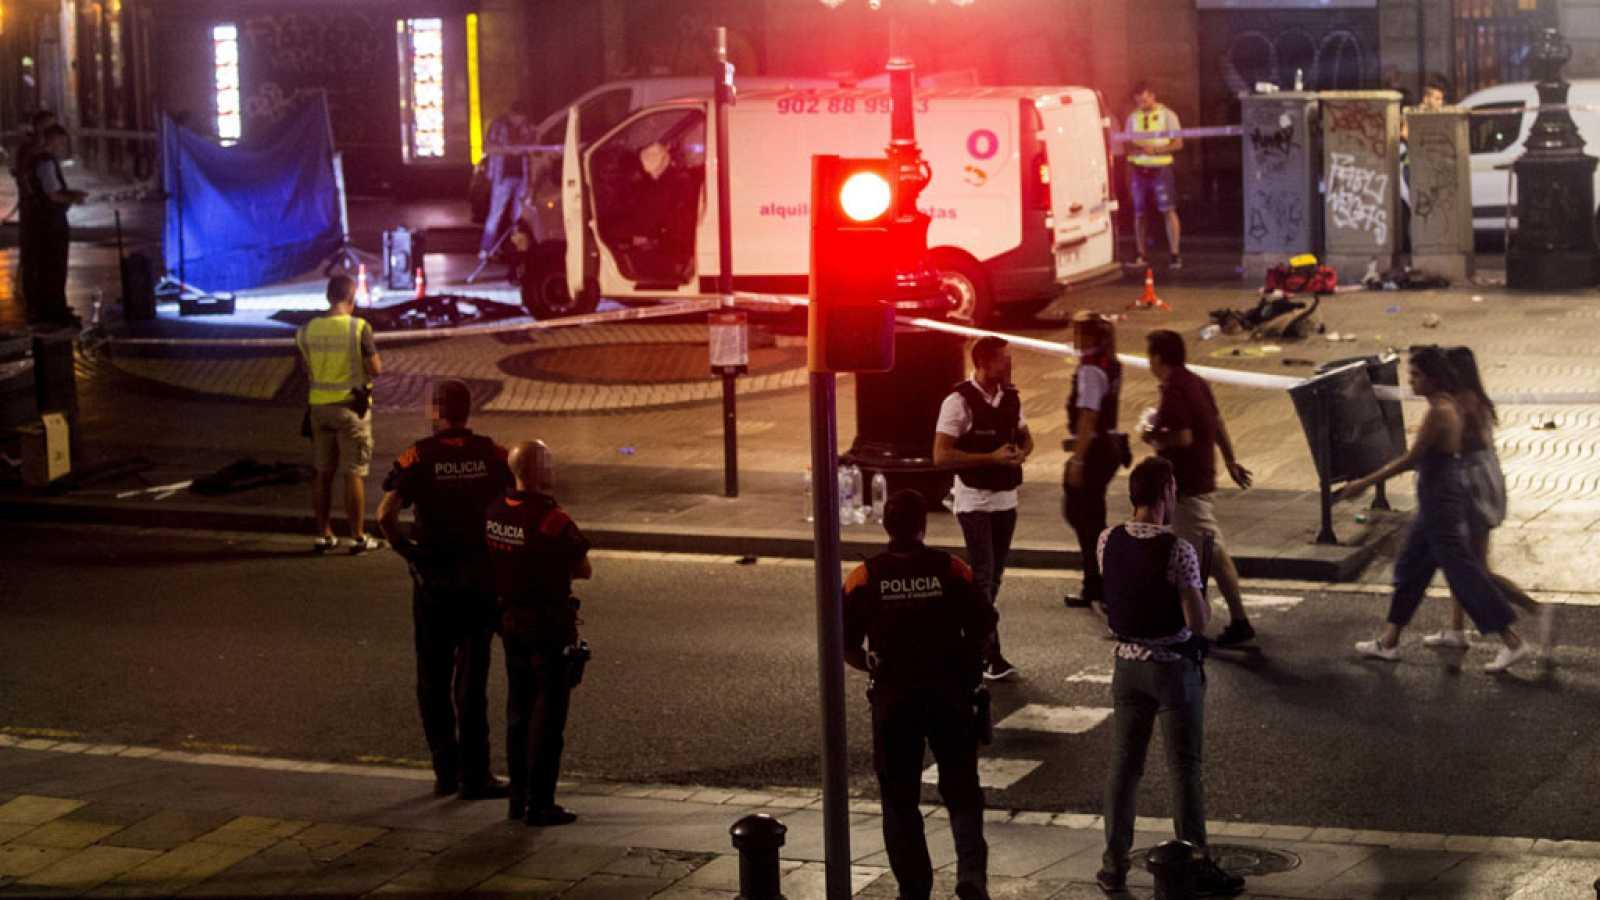 Al menos 13 muertos y un centenar de heridos en un atentado en las Ramblas  de Barcelona reivindicado por el Estado Islámico d1b5970892f